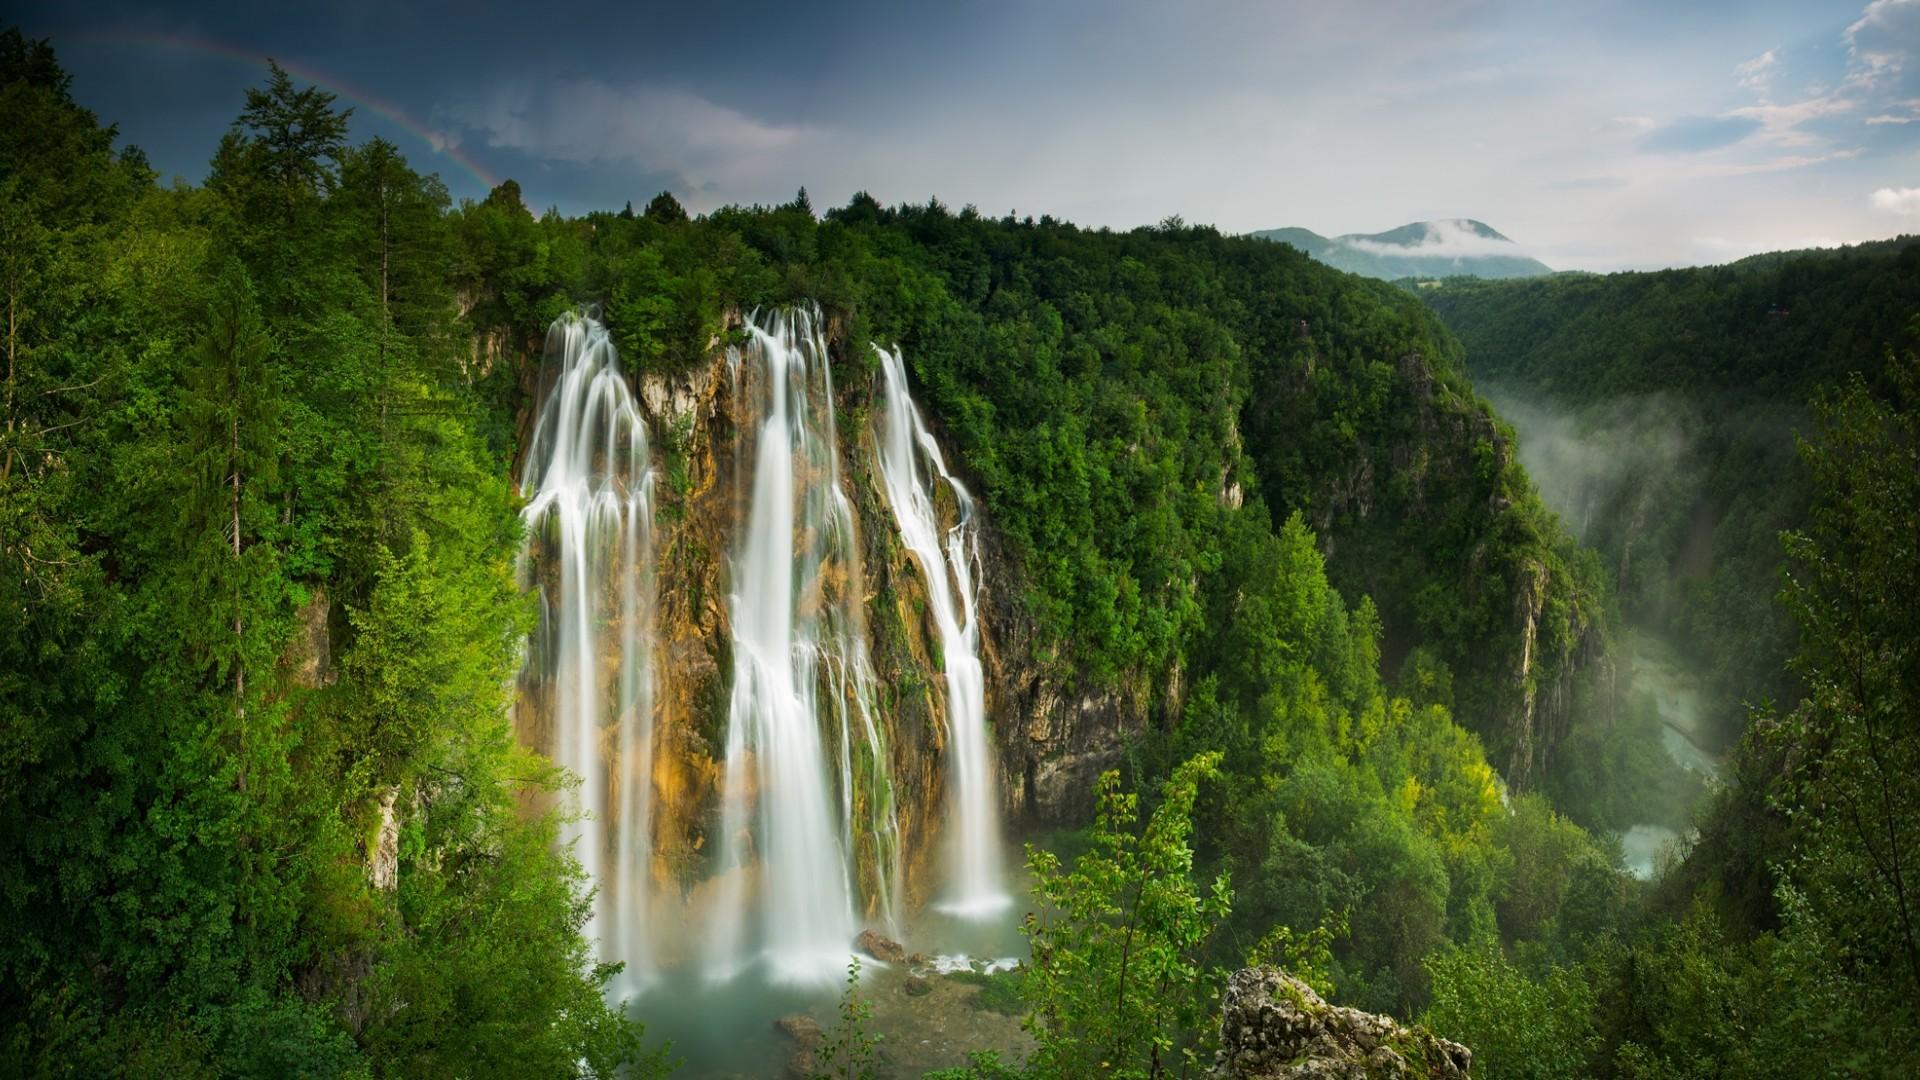 картинка на рабочий стол горы с водопадом считаете, что